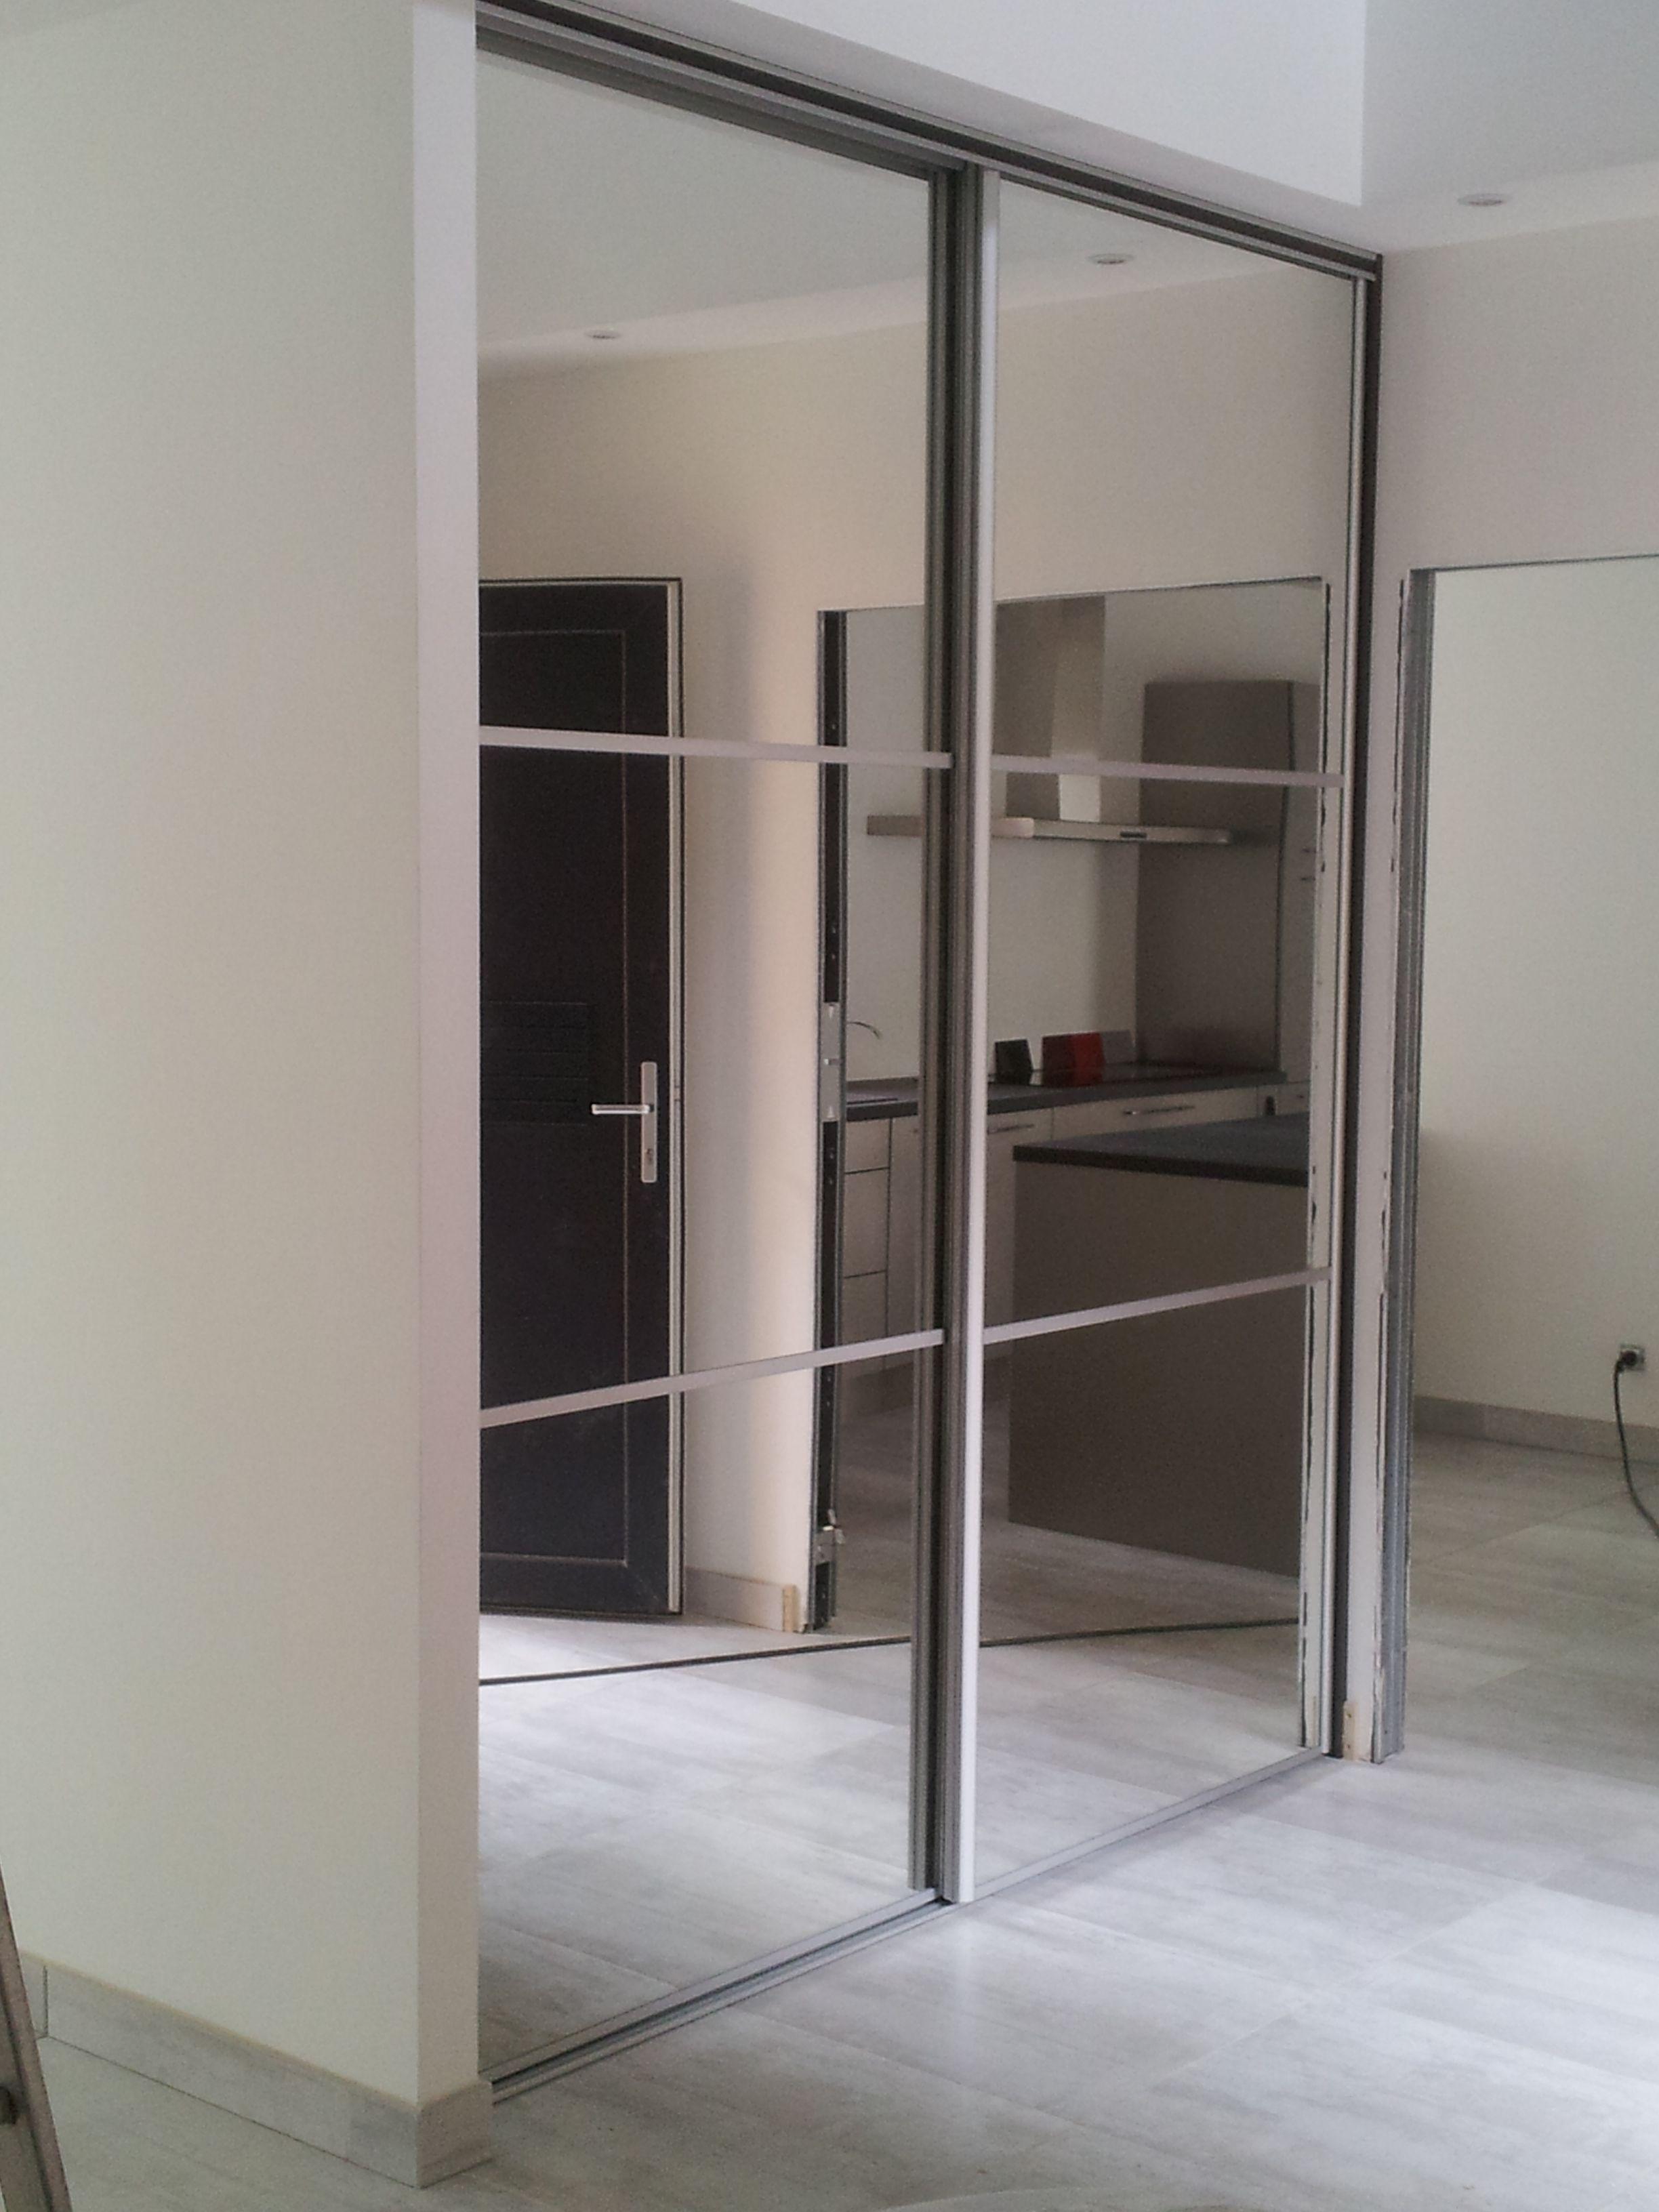 Portes Coulissantes Avec Miroirs Idee Deco Chambre Placard Chambre Placard Chambre A Coucher